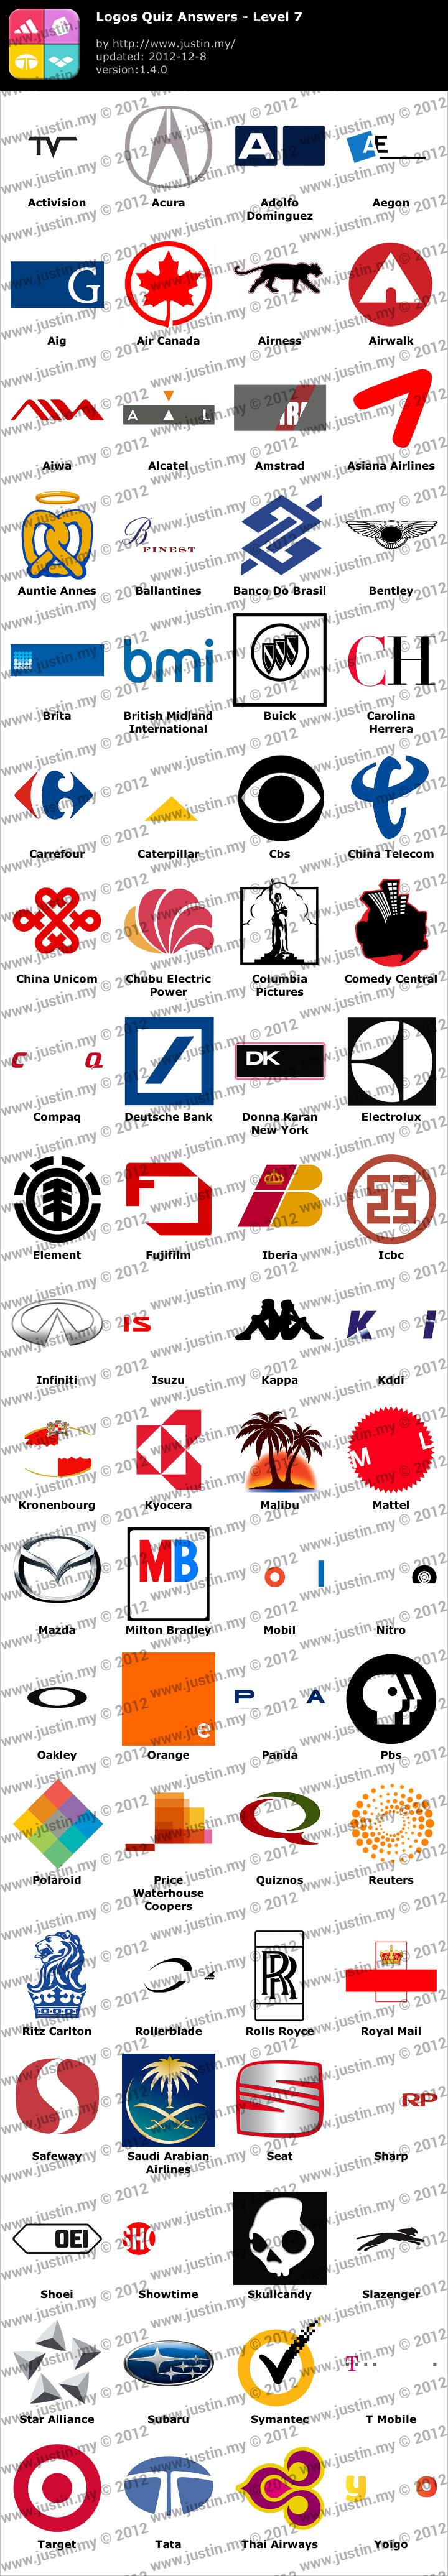 Logos Quiz Level 7